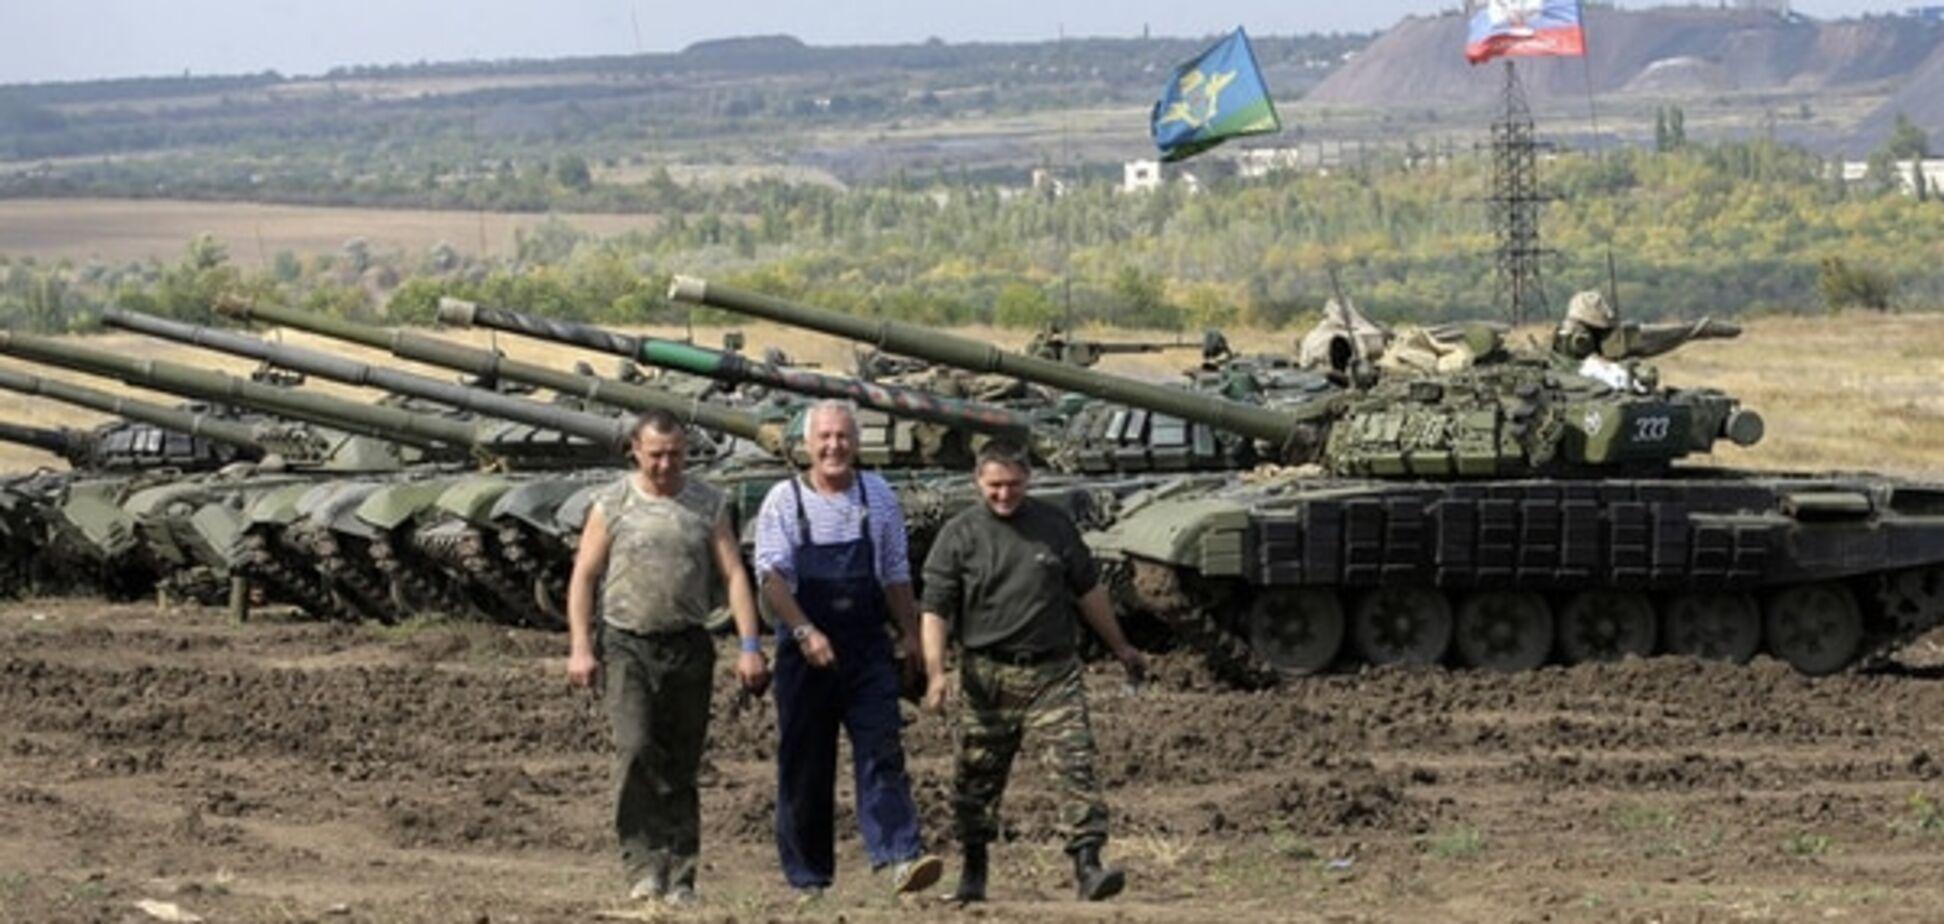 Терористи перетворюють заводи в металобрухт і вивозять у Росію - СЦКК